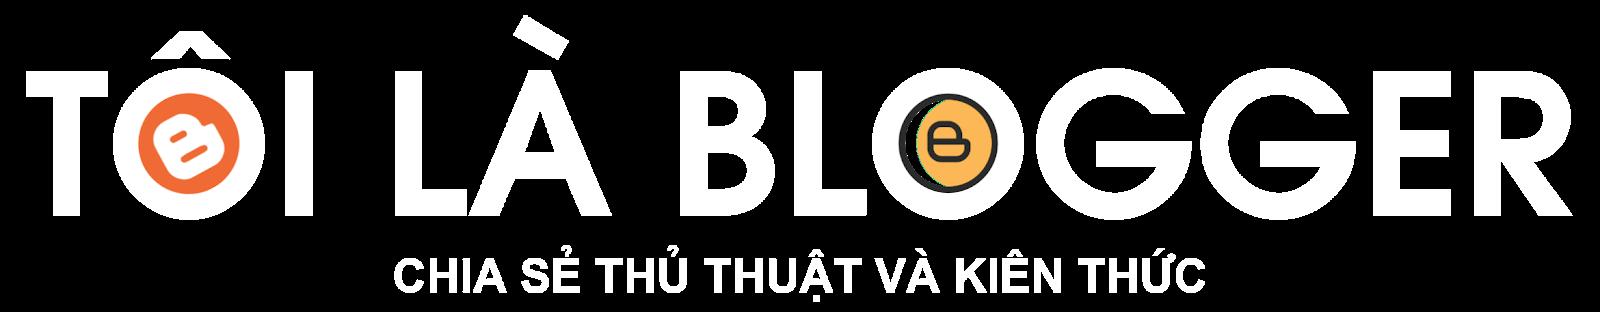 Tôi Là Blogger - Chia sẻ thủ thuật và kiến thức